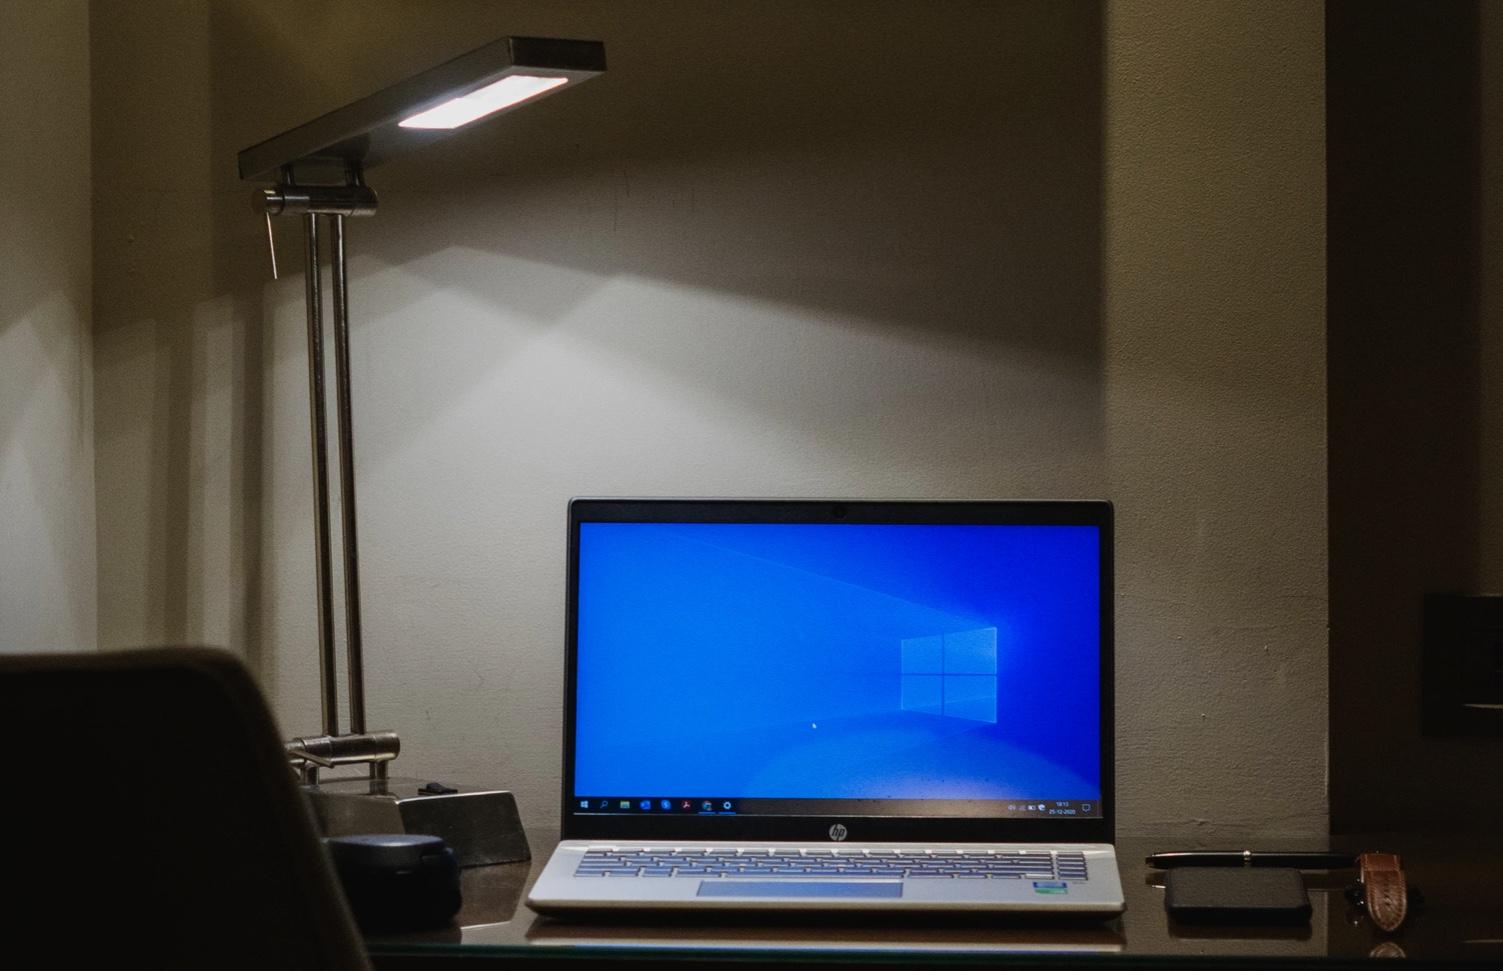 Windows10 est toujours là, une webcam Elgato de haut vol et le retour de Nokia – Tech'spresso